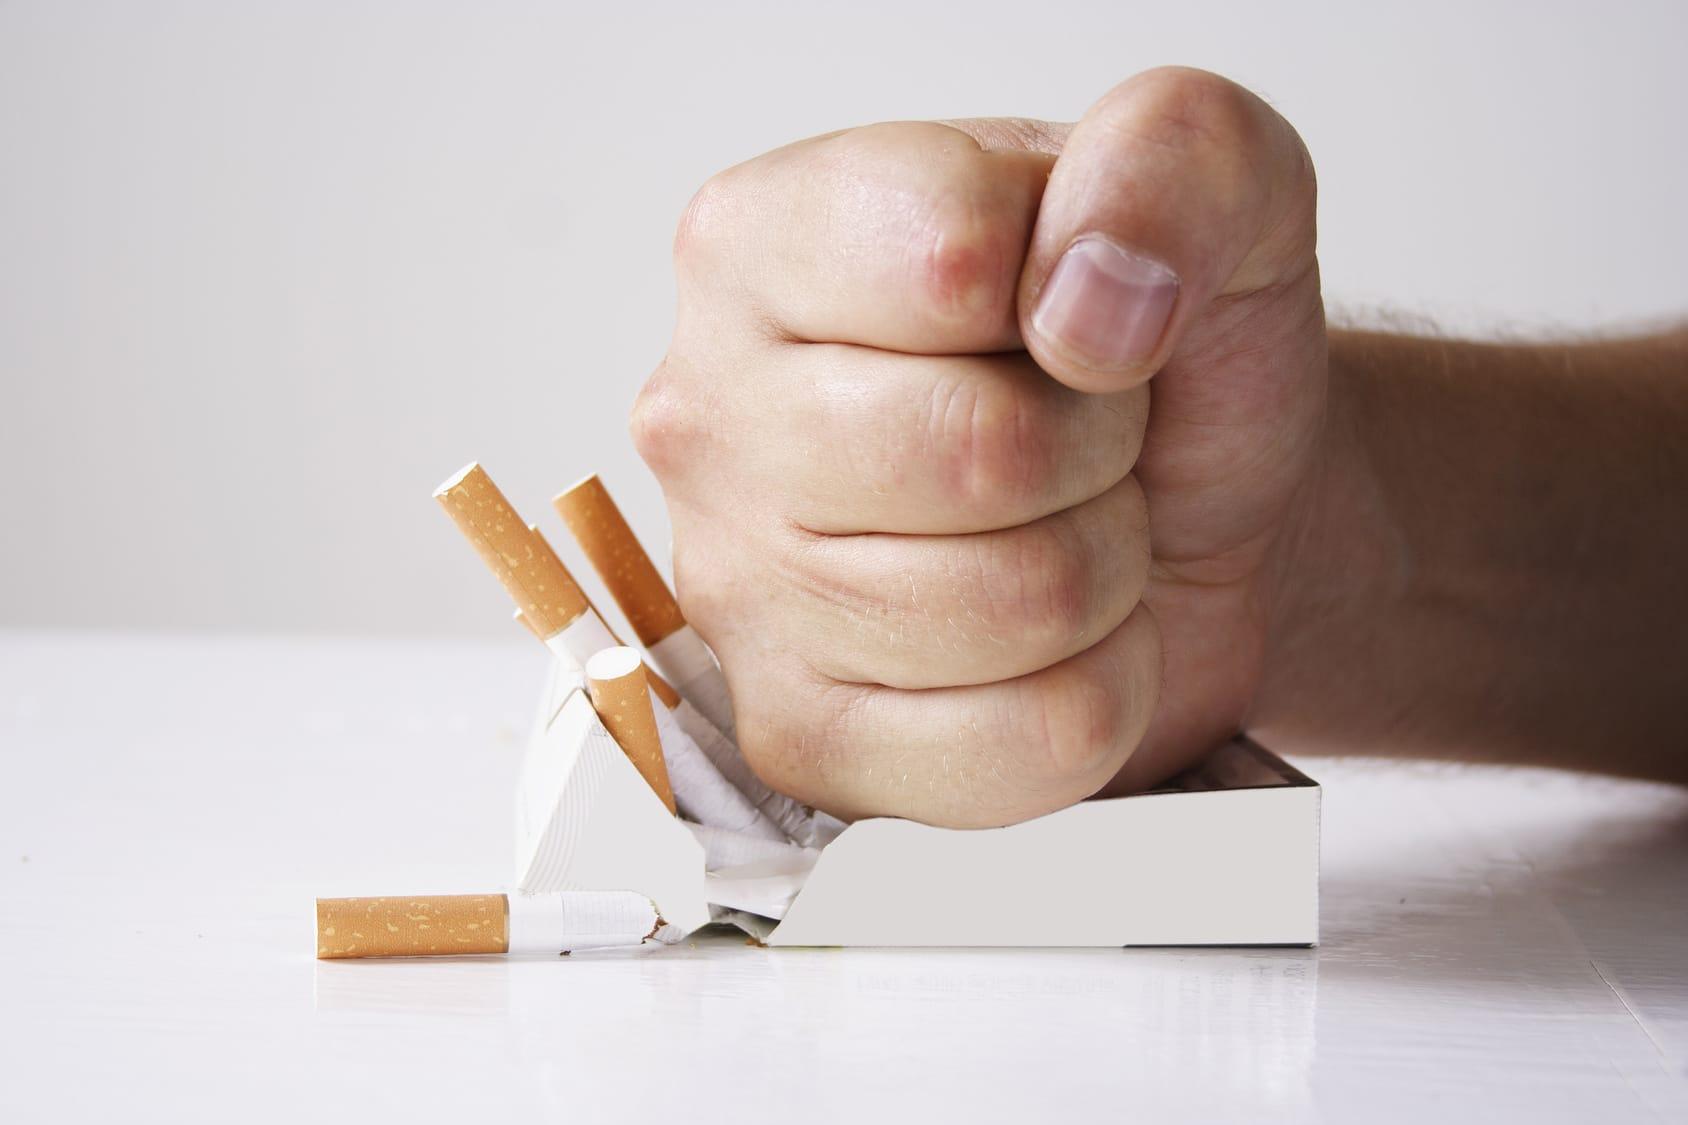 Tipps bei Verlangensattacken - Jetzt rauchfrei werden